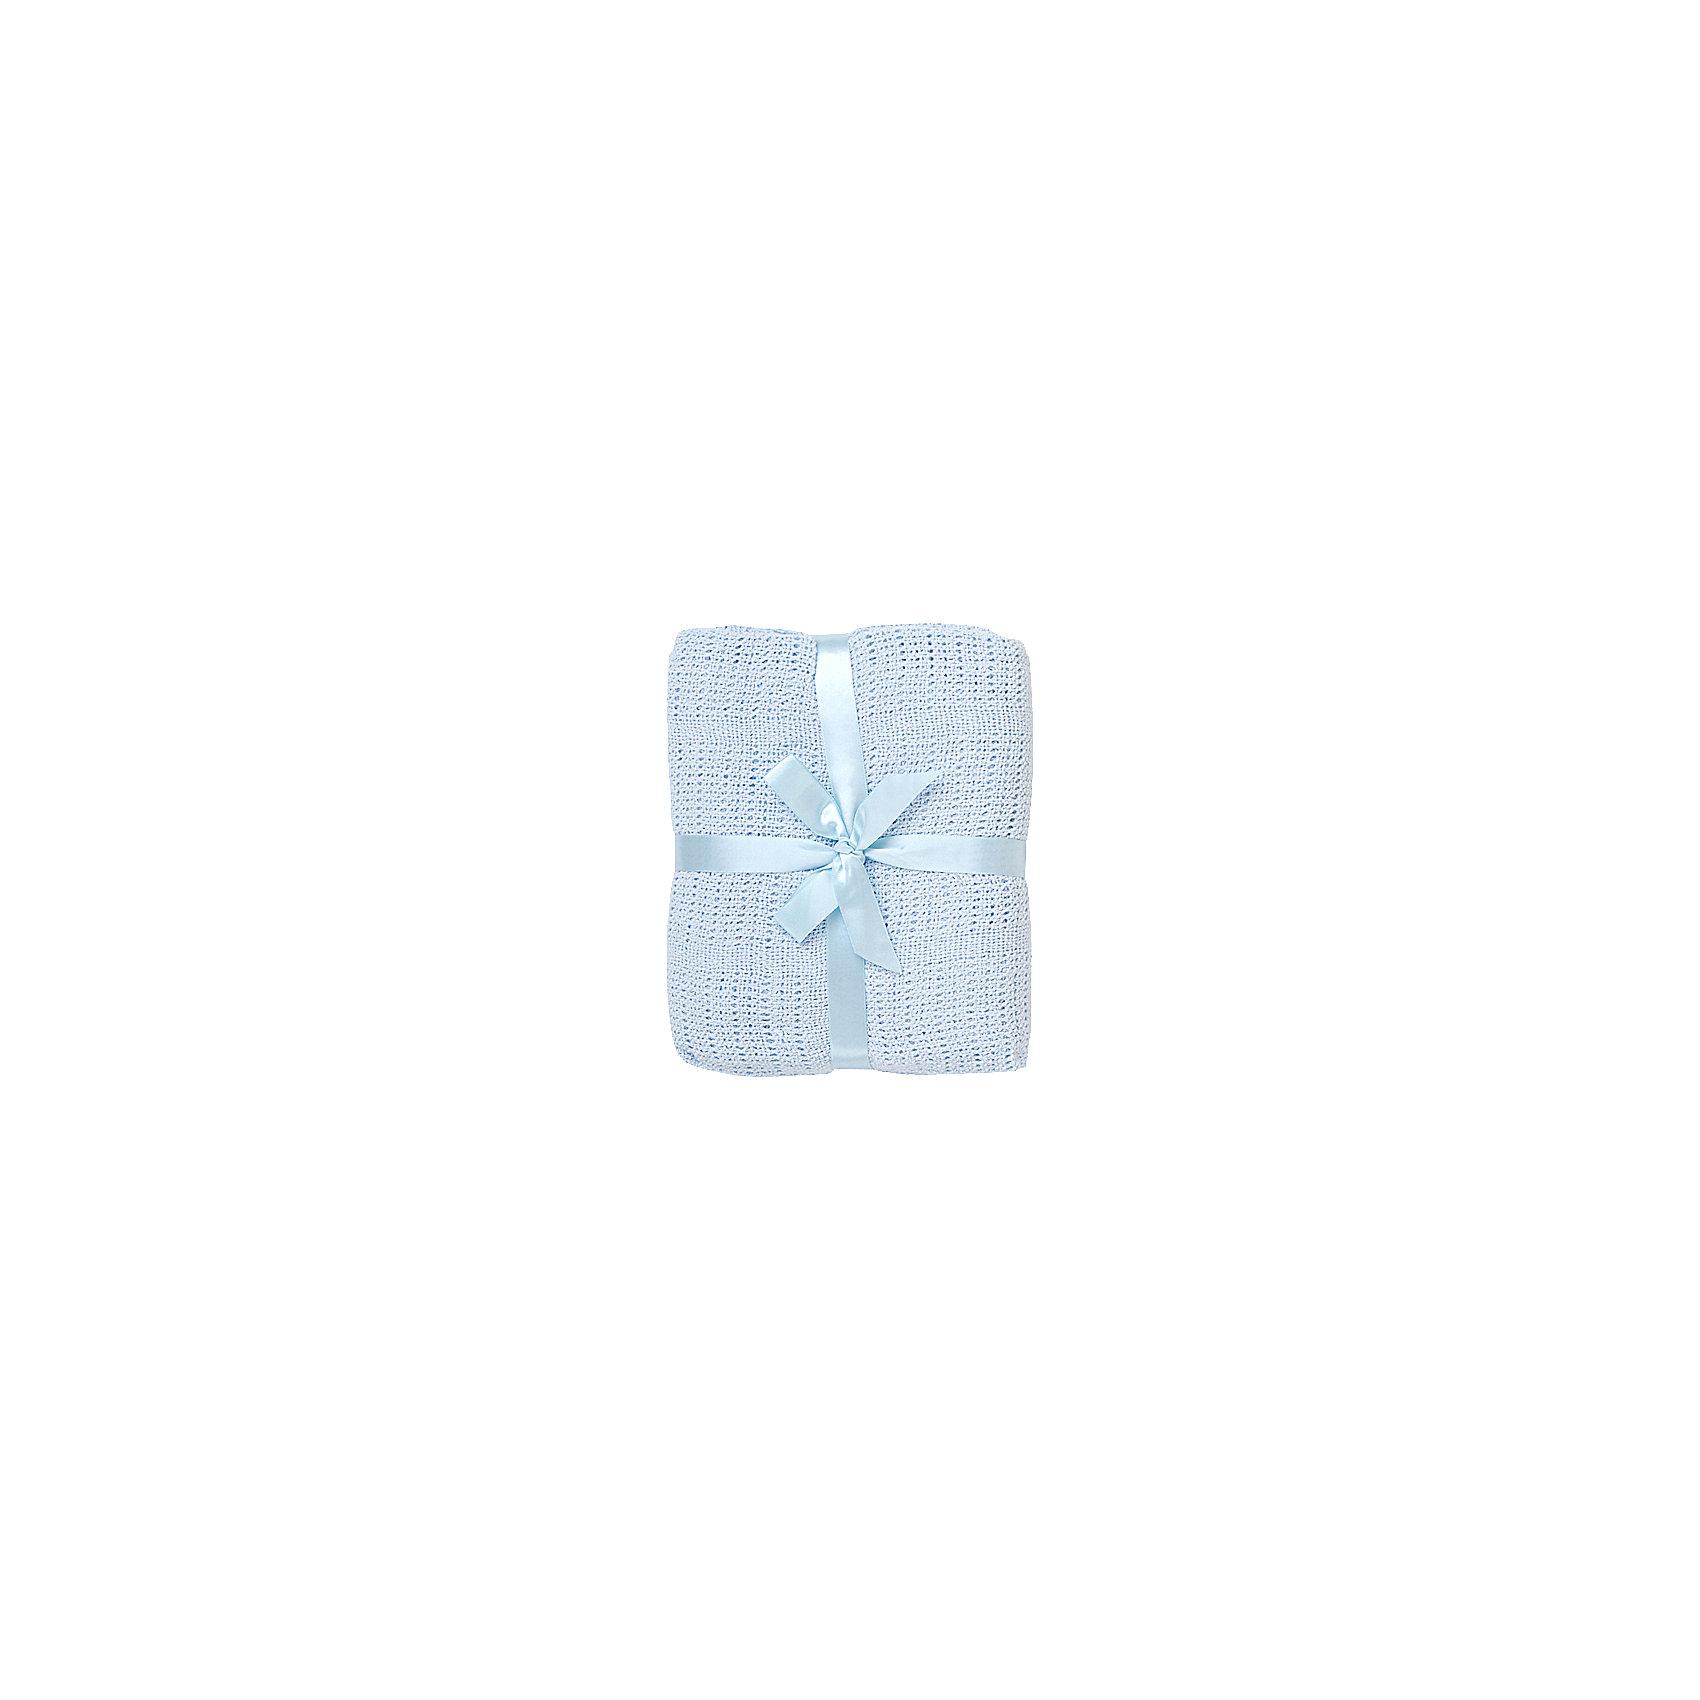 Одеяло детское вязанное 90х120 Baby Nice, голубойМягкое вязаное одеяло можно использовать дома или же на улице. Изготовлено из натурального хлопка, прекрасно пропускает воздух и сохраняет тепло, гипоаллергенно. Одеяло имеет нежную расцветку и очень приятно наощупь - идеальный вариант для малышей с самого рождения! <br><br>Дополнительная информация:<br><br>- Материал: хлопок 100%.<br>- Размер: 90х120 см.<br>- Цвет: голубой.<br><br>Одеяло детское вязаное 90х120 Baby Nice (Беби Найс), голубое, можно купить в нашем магазине.<br><br>Ширина мм: 20<br>Глубина мм: 5<br>Высота мм: 20<br>Вес г: 400<br>Возраст от месяцев: 0<br>Возраст до месяцев: 60<br>Пол: Мужской<br>Возраст: Детский<br>SKU: 4058274